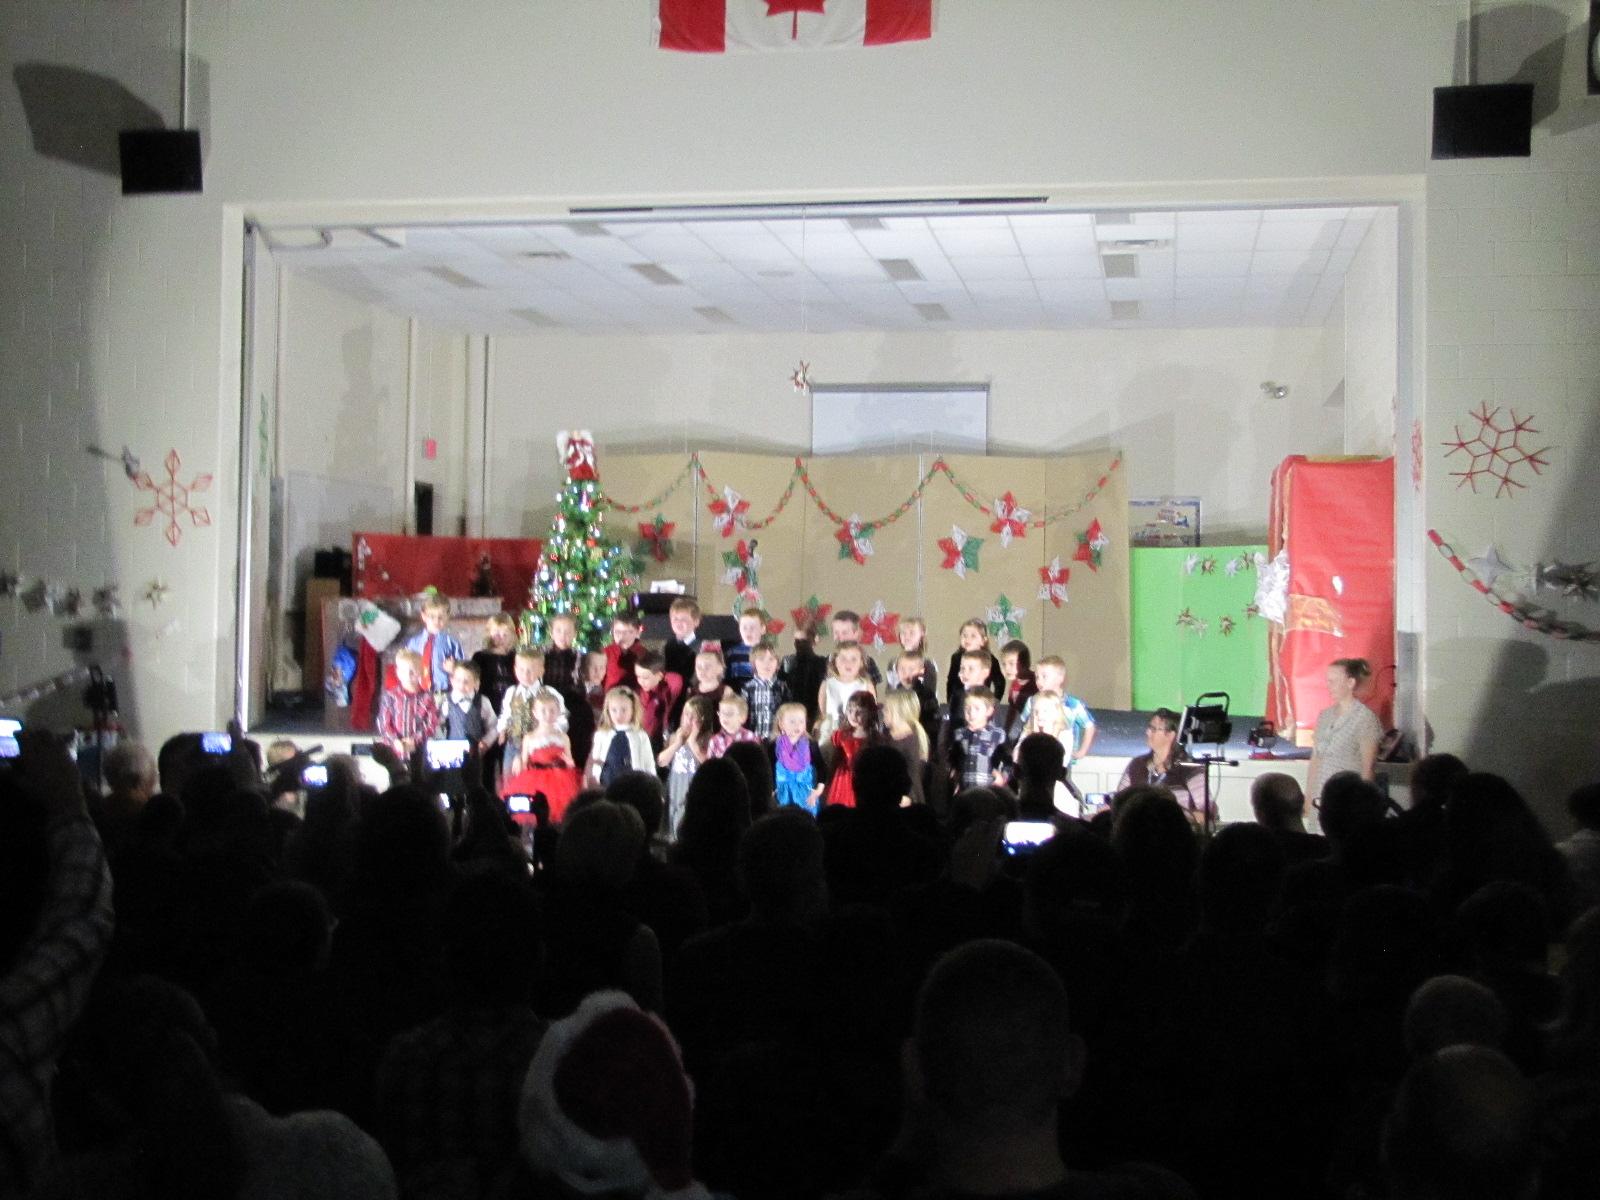 2014-12-17 TV School Christmas Concert 016